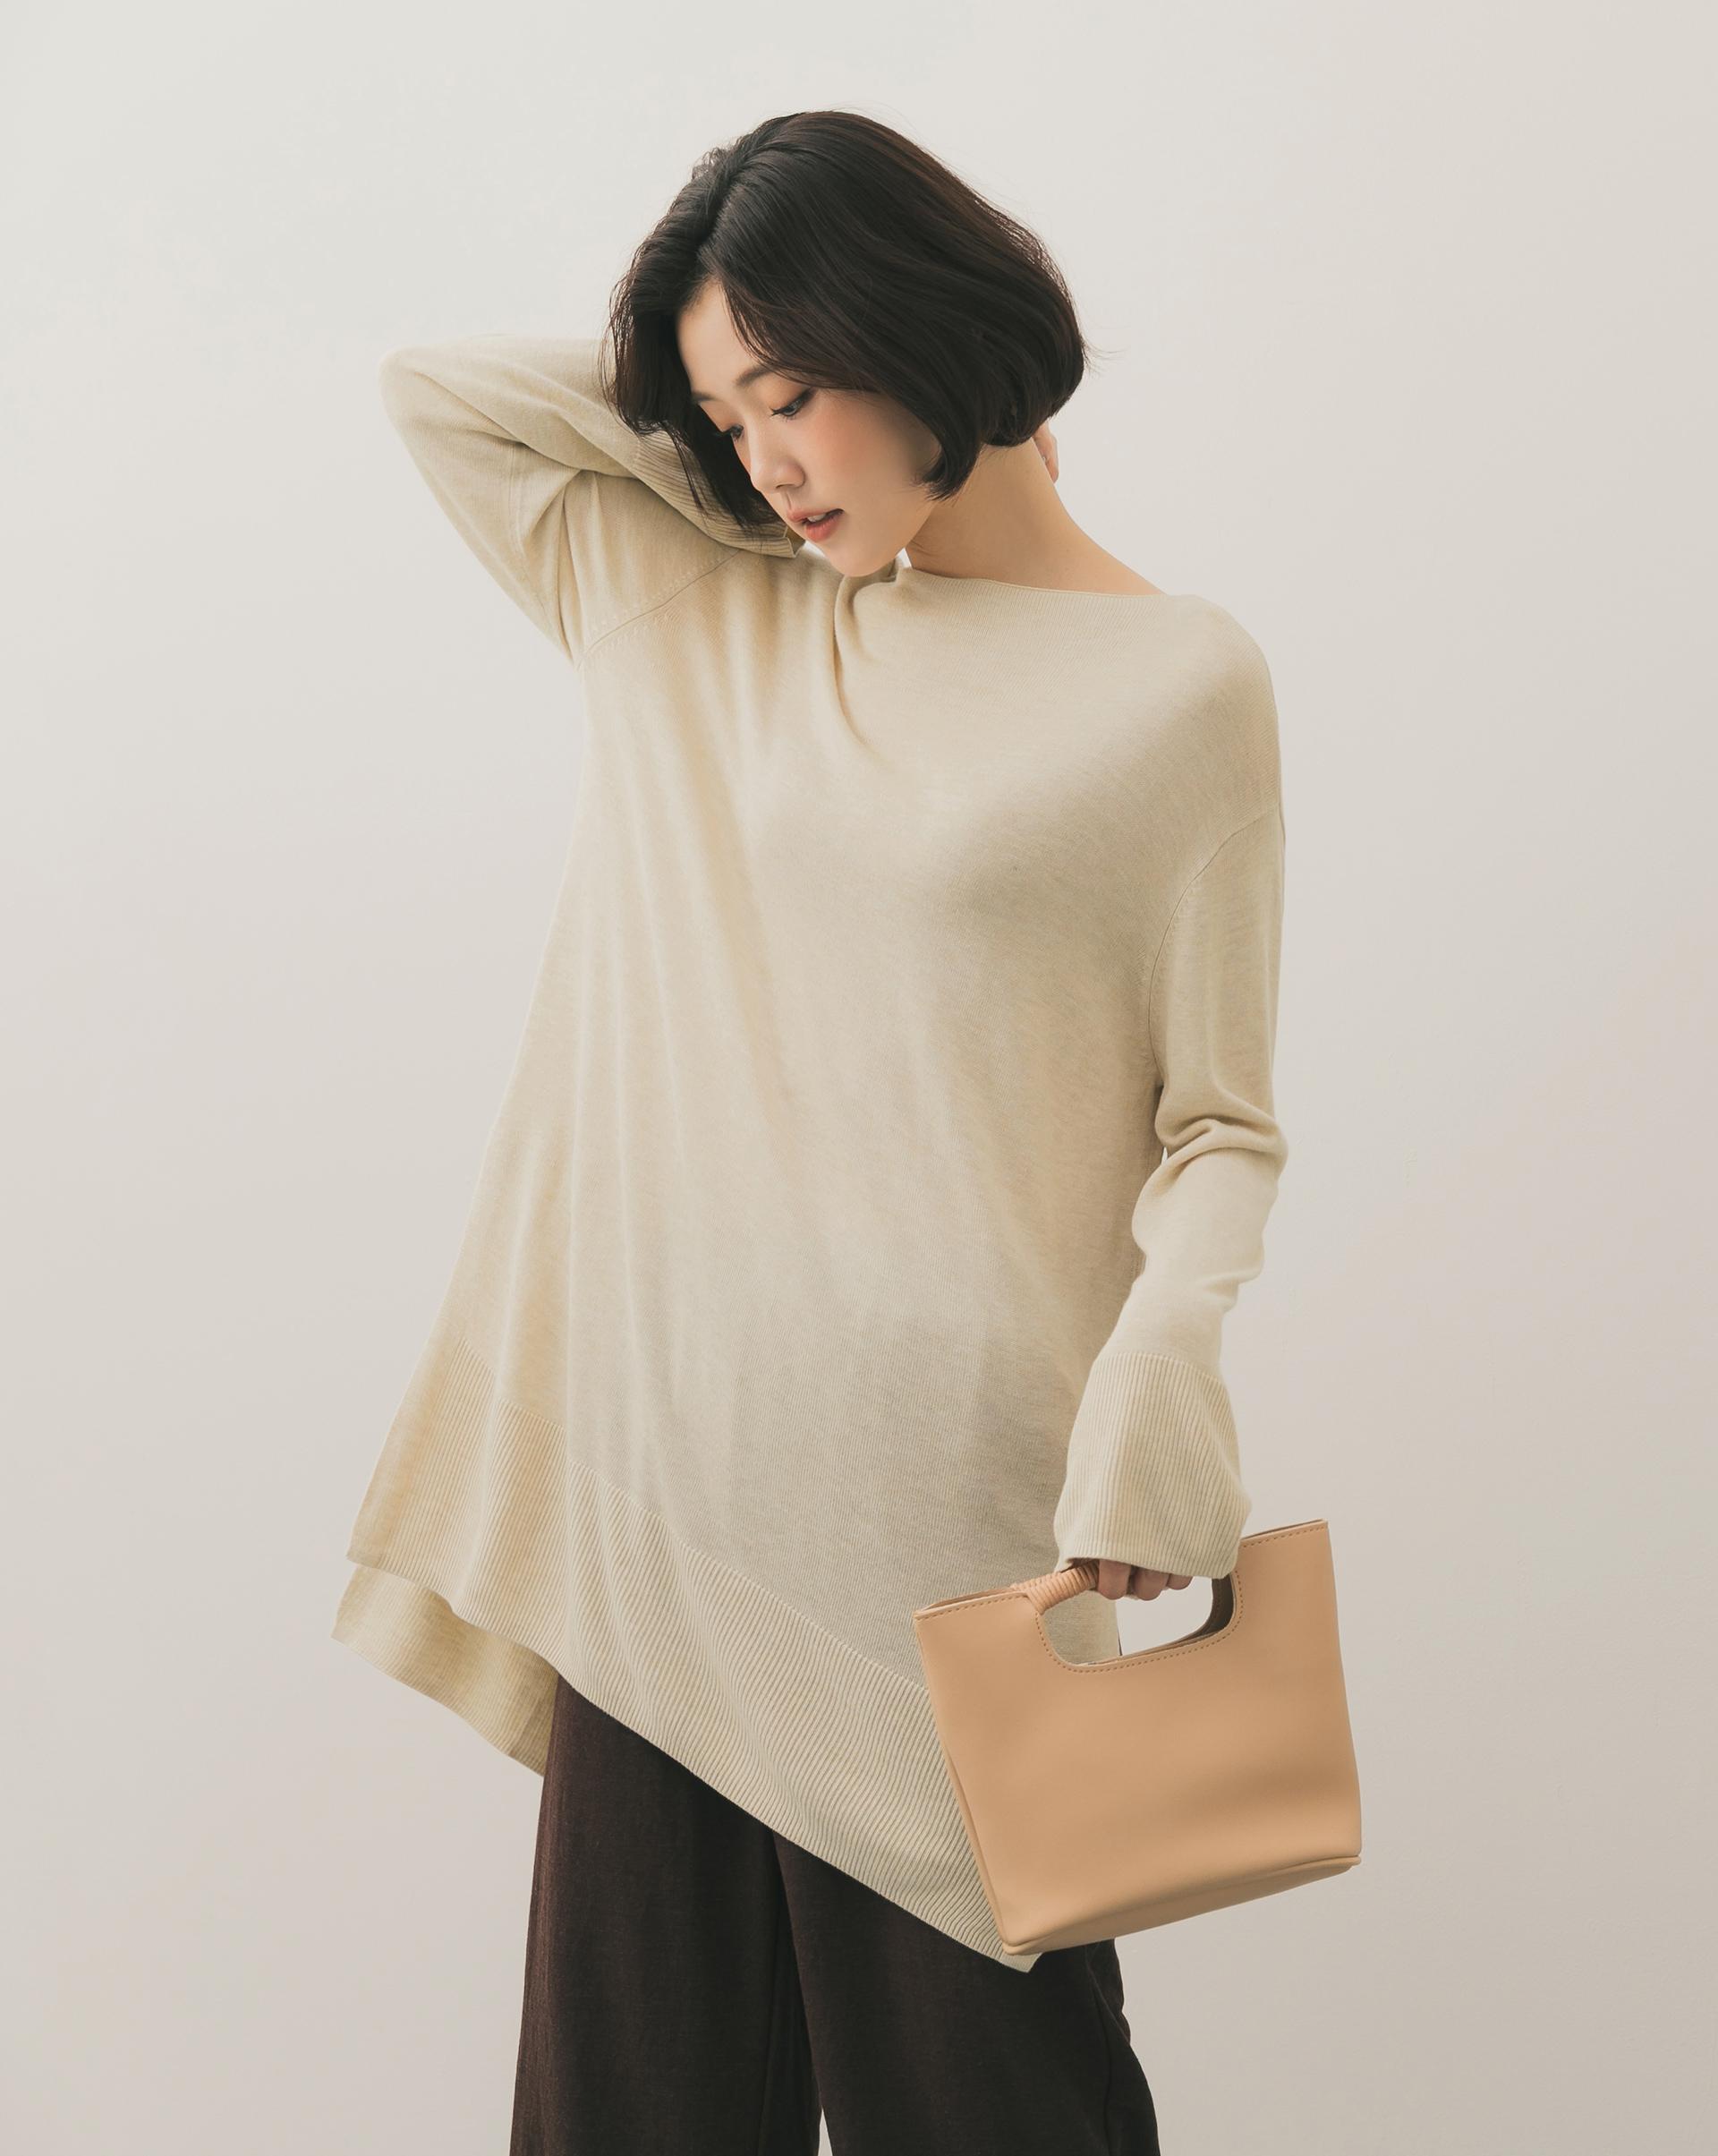 極柔軟的針織面料/左右兩側有大開衩/下擺及袖口有羅紋設計/布料輕薄不悶熱淺色建議搭背心或淺色內衣